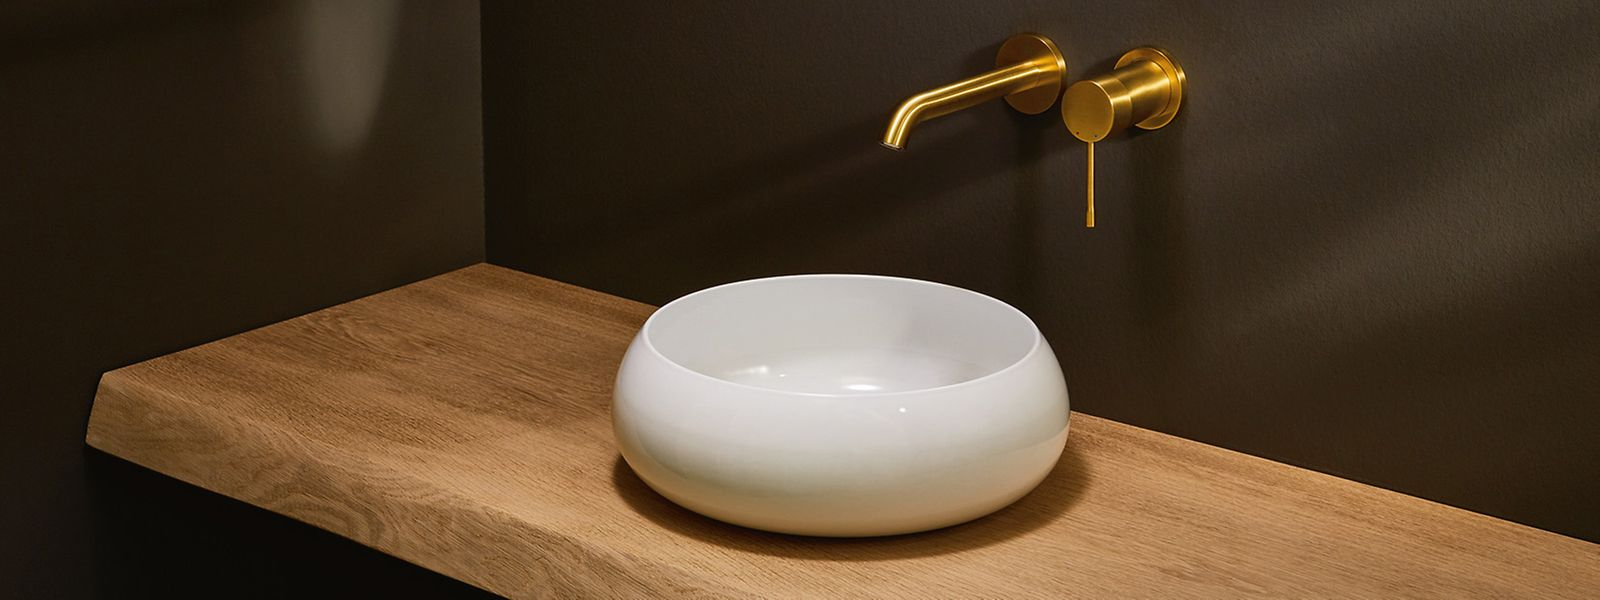 Mit goldenen Armaturen tun sich viele noch schwer - aber sie sind ein Trend für Badezimmer. Gut wirken sie zum Beispiel in einem dunkel gehaltenenUmfeld.